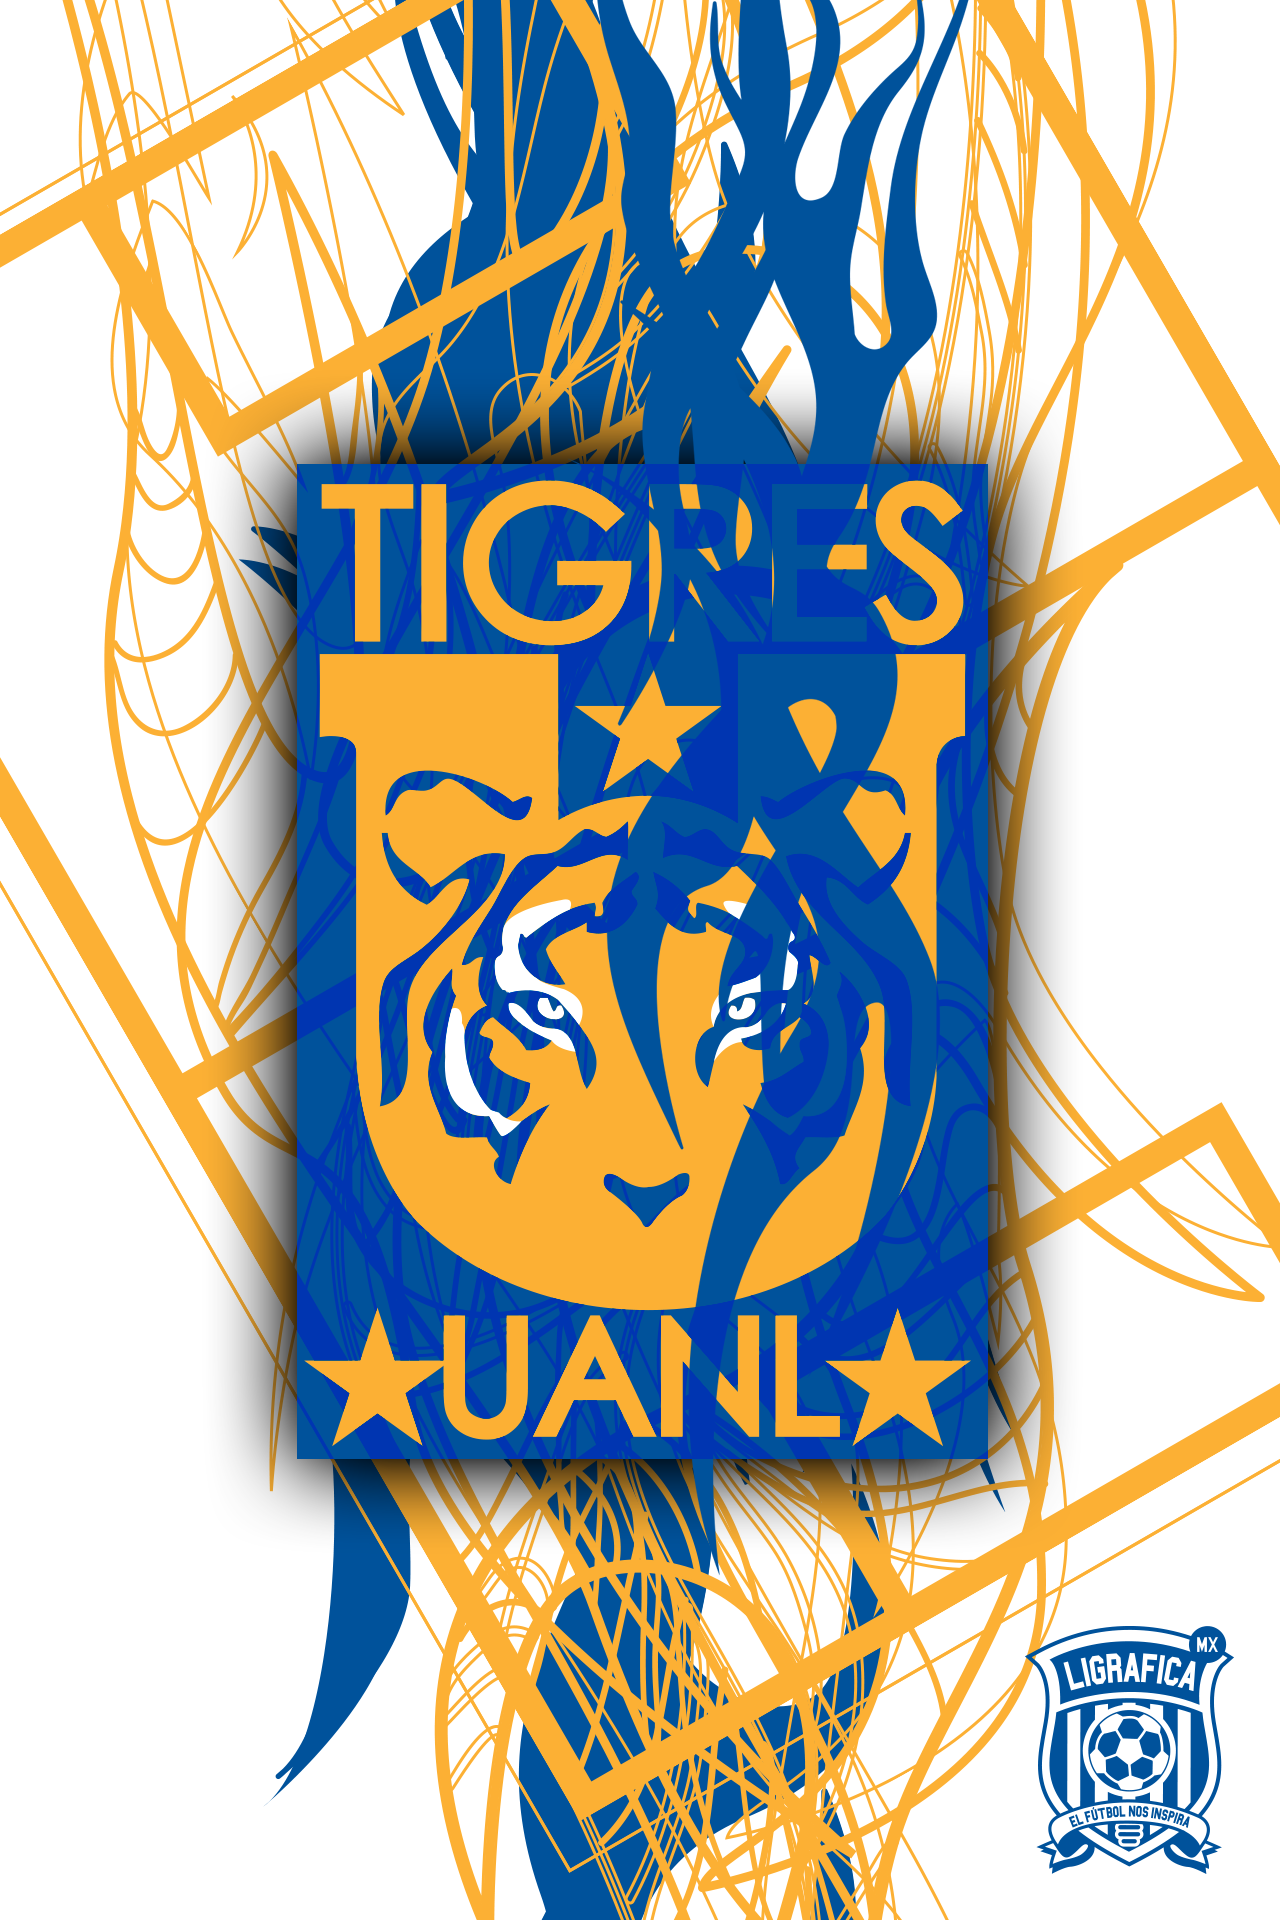 Tigres LigraficaMX 14/04/15CTG Tigre, Tigres uanl